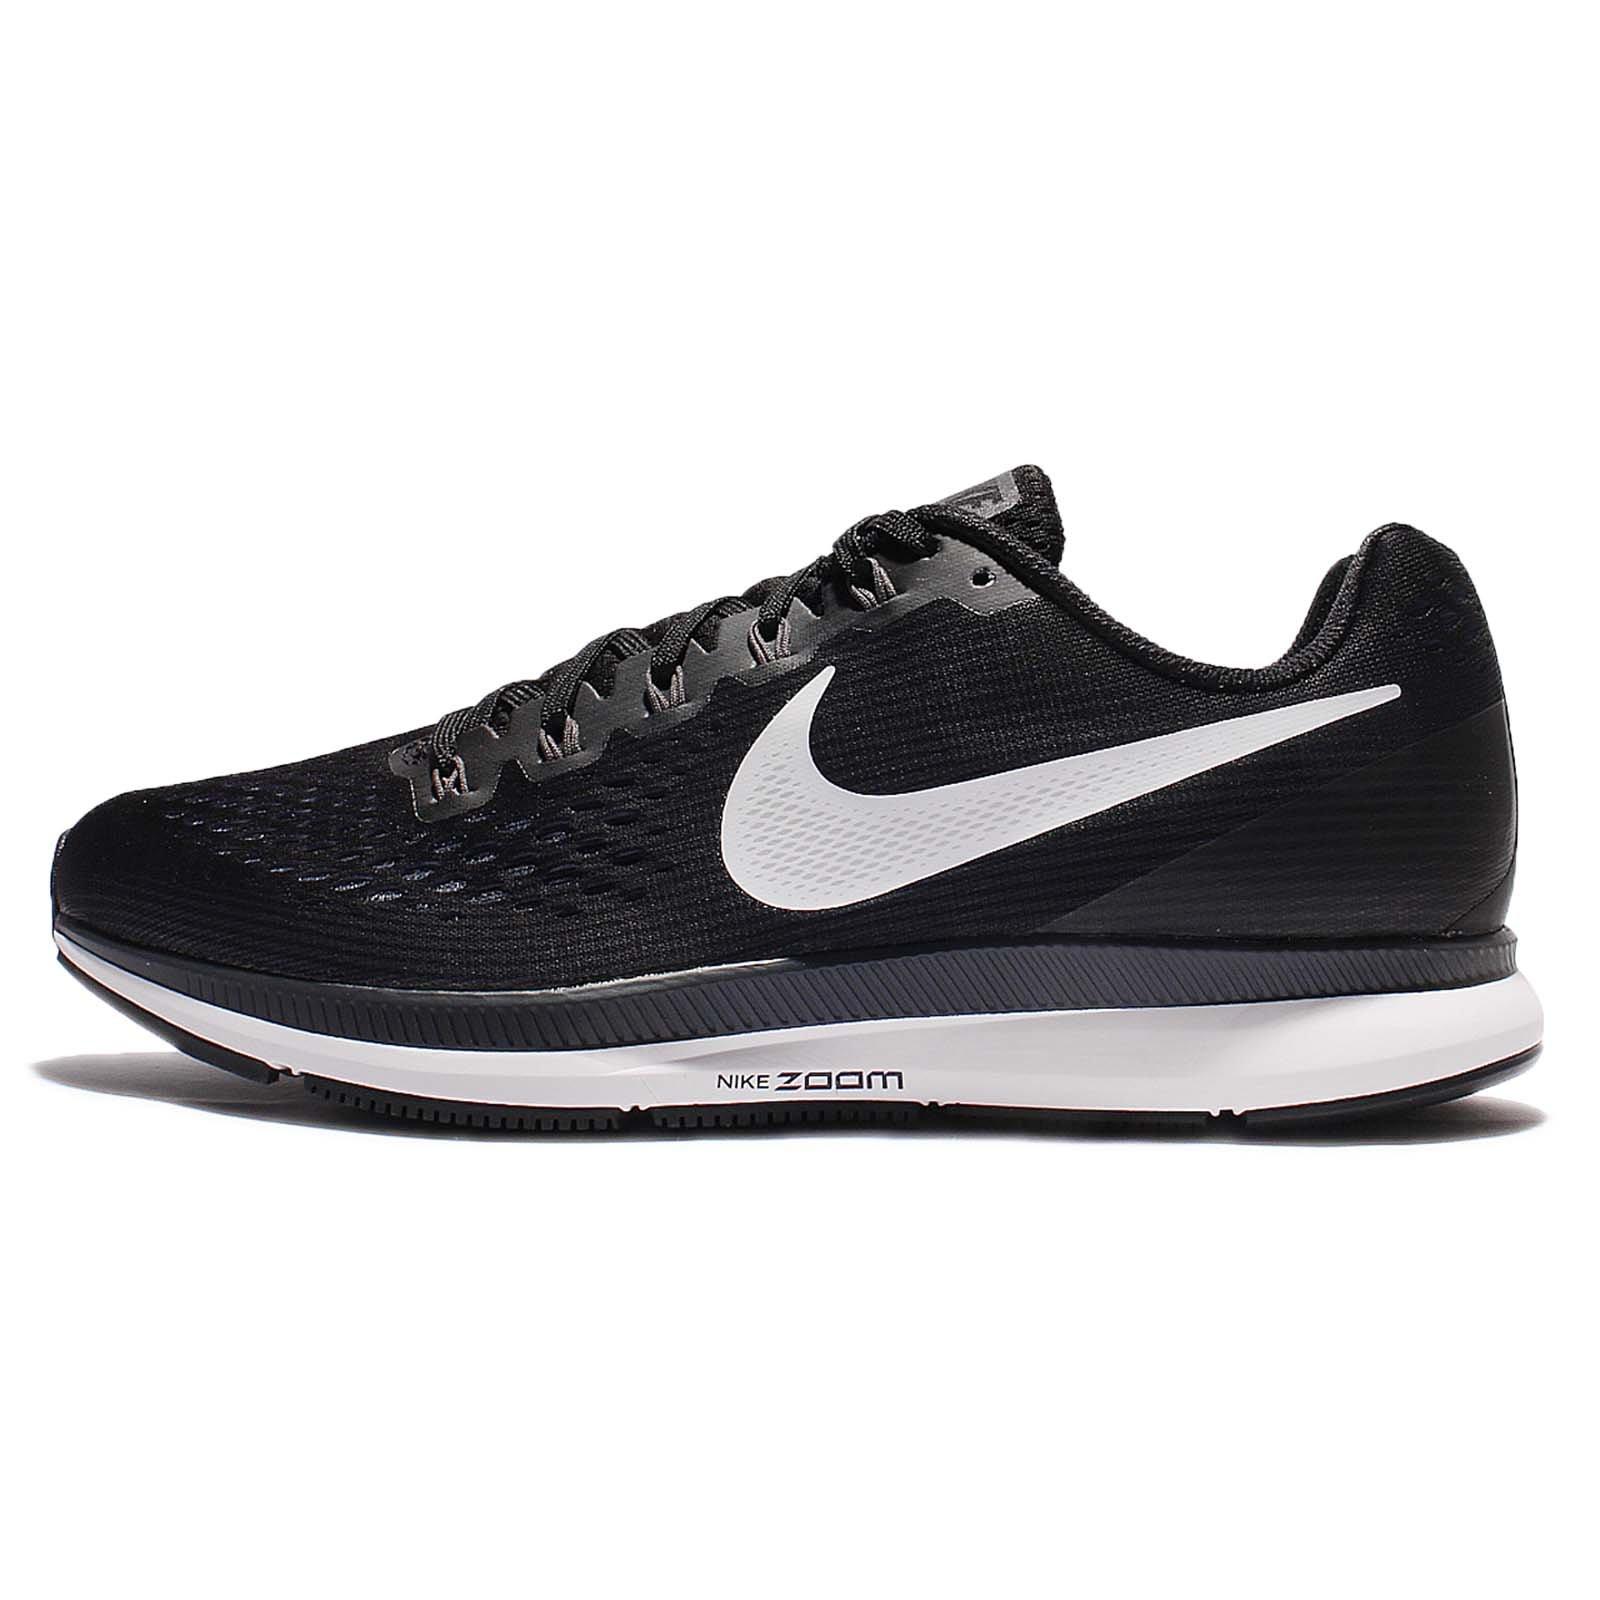 Nike Men's Air Zoom Pegasus 34 Running Shoe Black/White-Dark Grey-Anthracite 12.0 by Nike